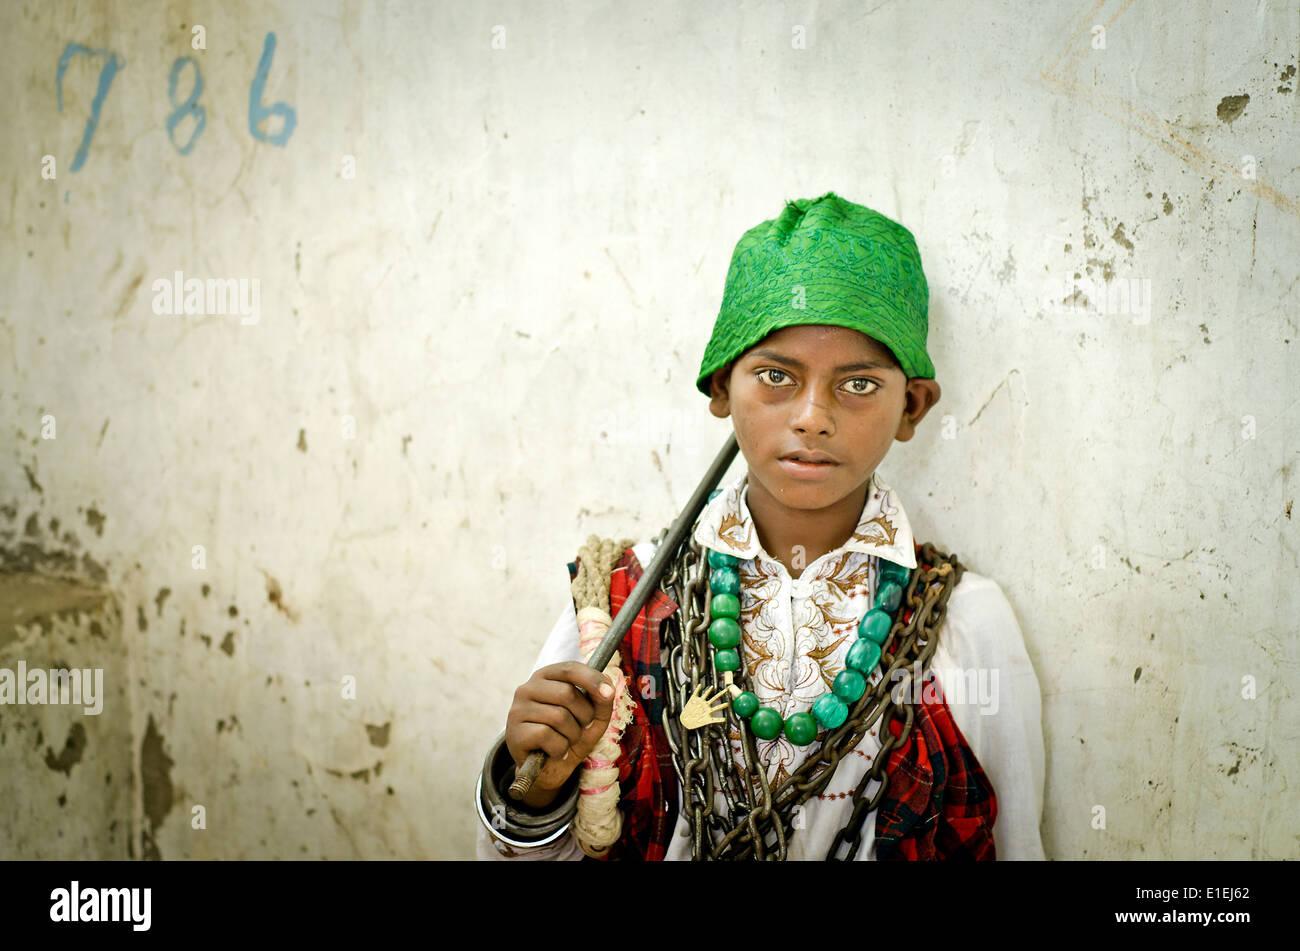 El Fakir Sufi(hombre santo musulmán de Ajmer) ,India Imagen De Stock